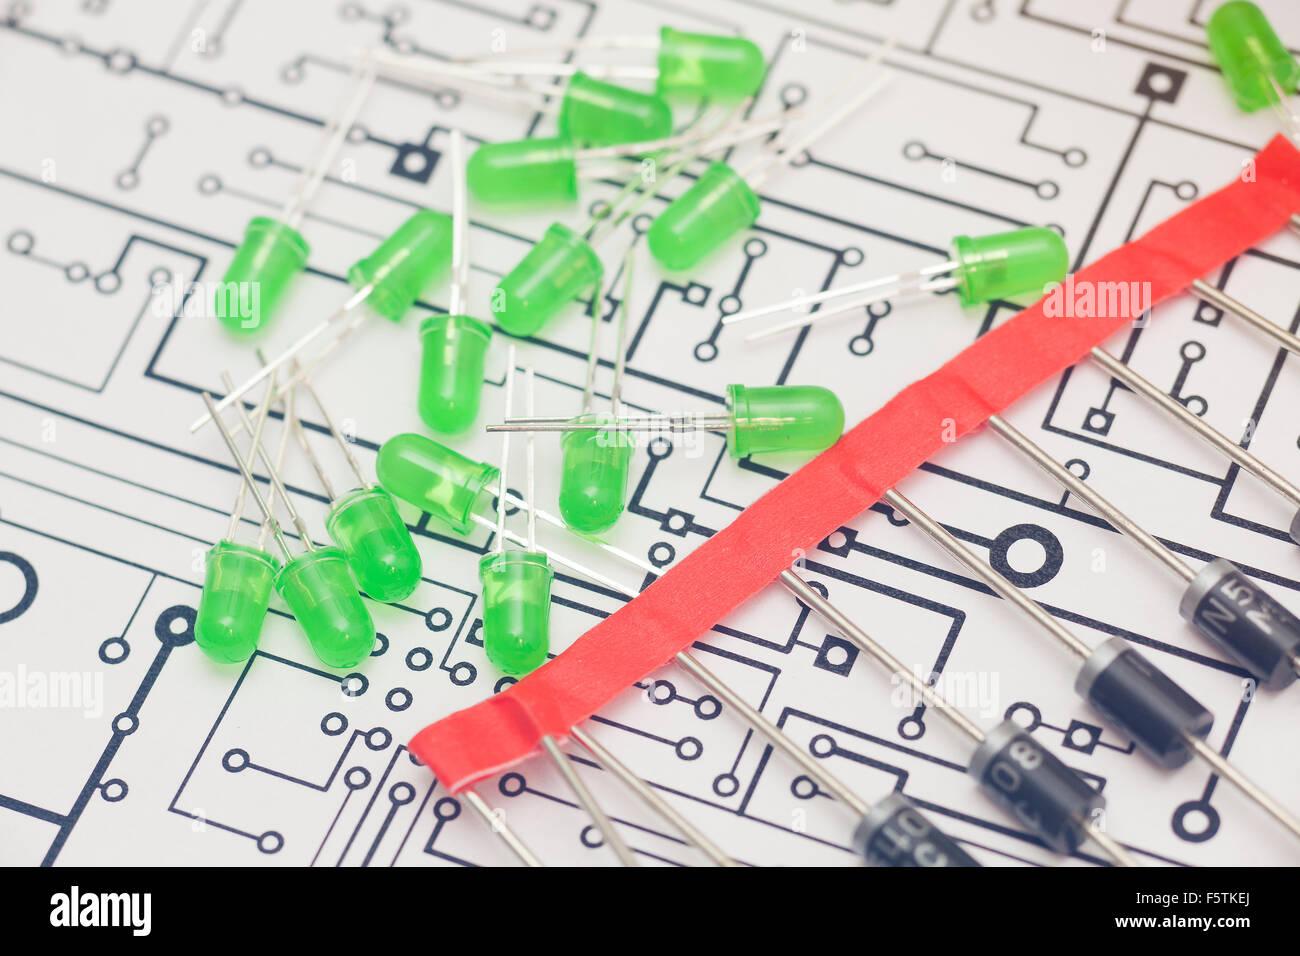 Fantastisch Elektronisches Ikt Diagramm Bilder - Schaltplan Serie ...